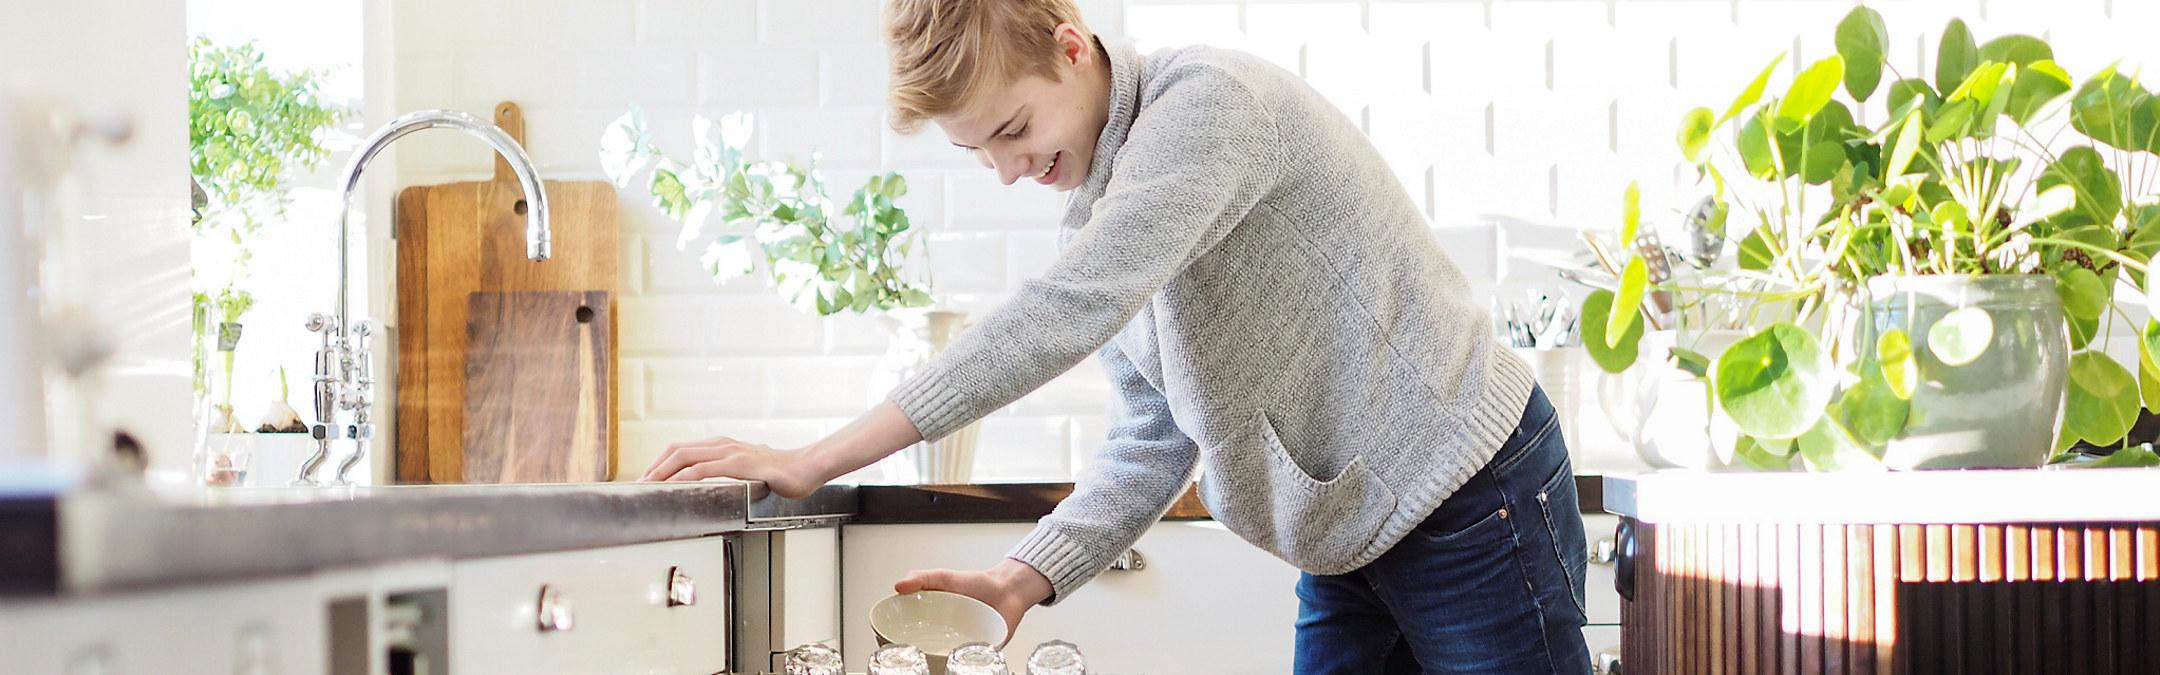 Ung blond gutt rydder ut av oppvaskmaskin. Foto